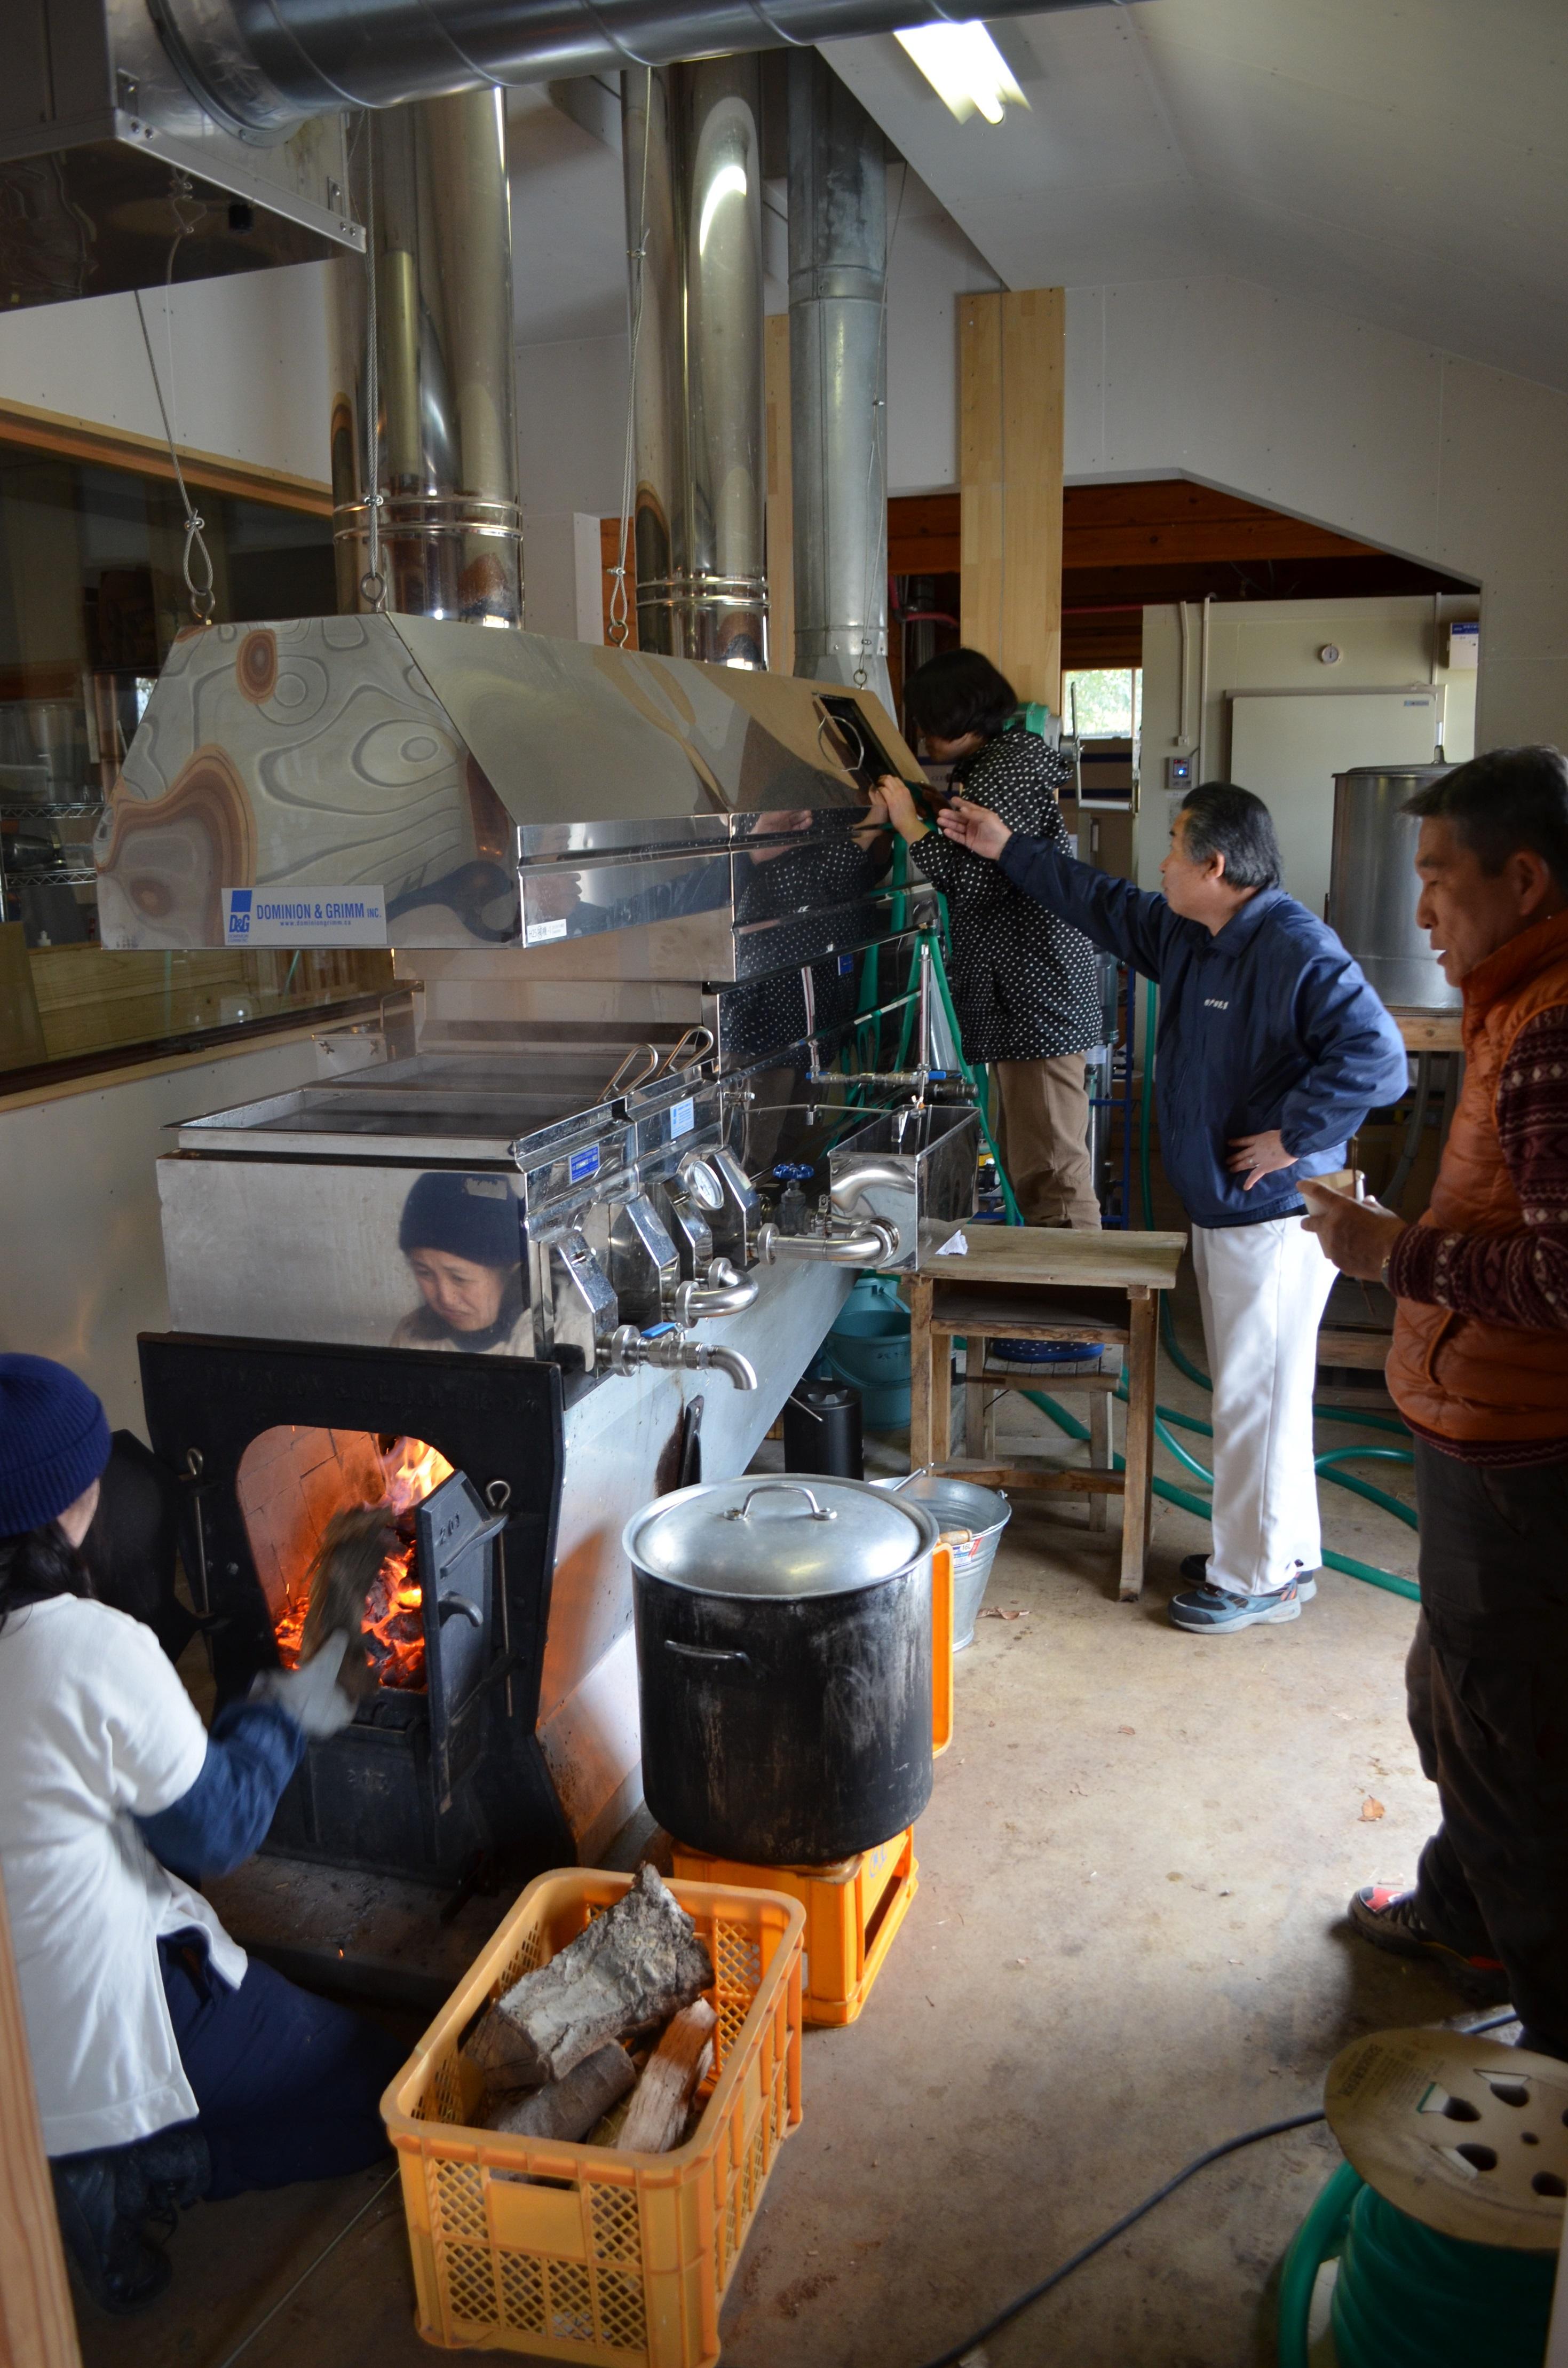 カナダから国内で初導入したメープルシロップ製造機。煮詰め過ぎないよう作業中は目が離せない。